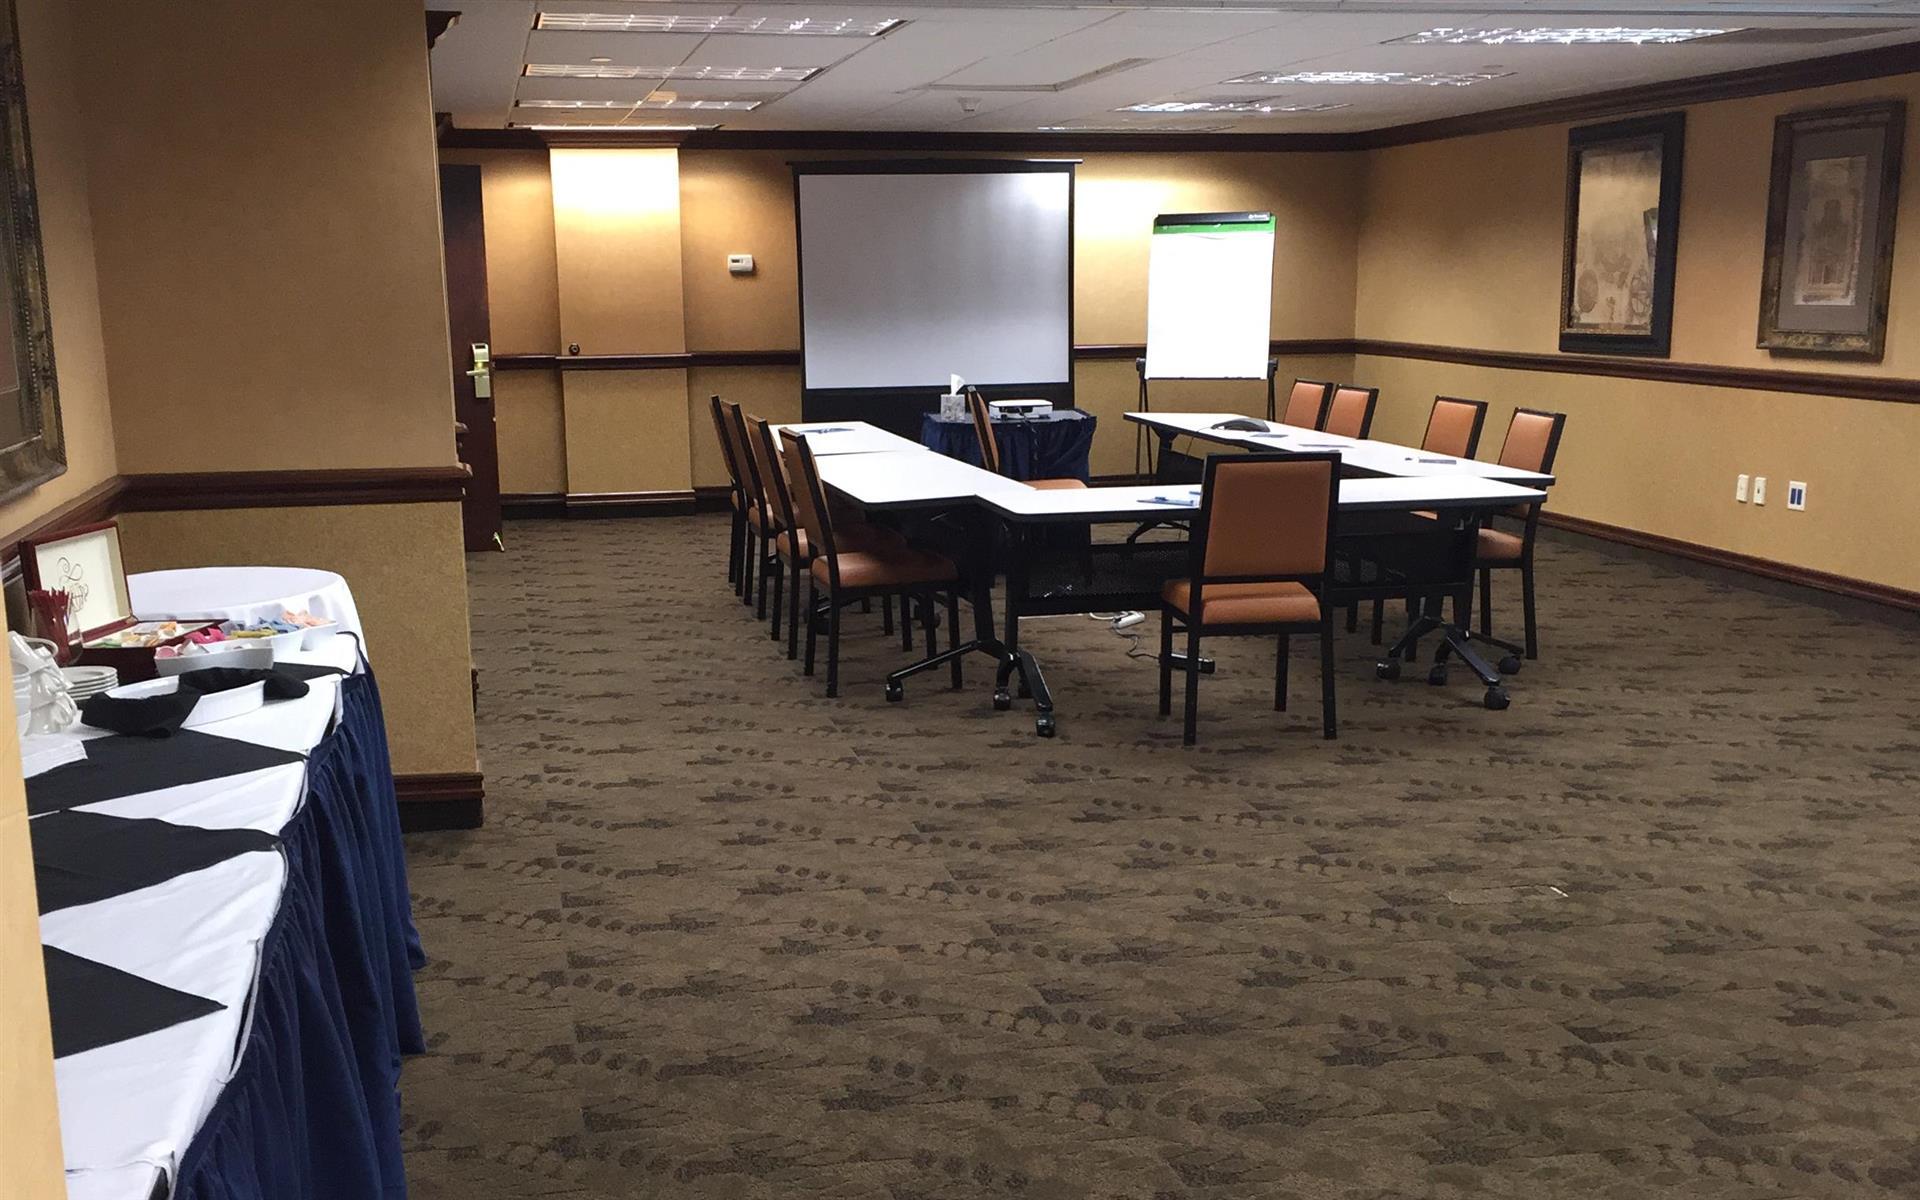 Hyatt House Parsippany East - New Jersey - Parsippany Room